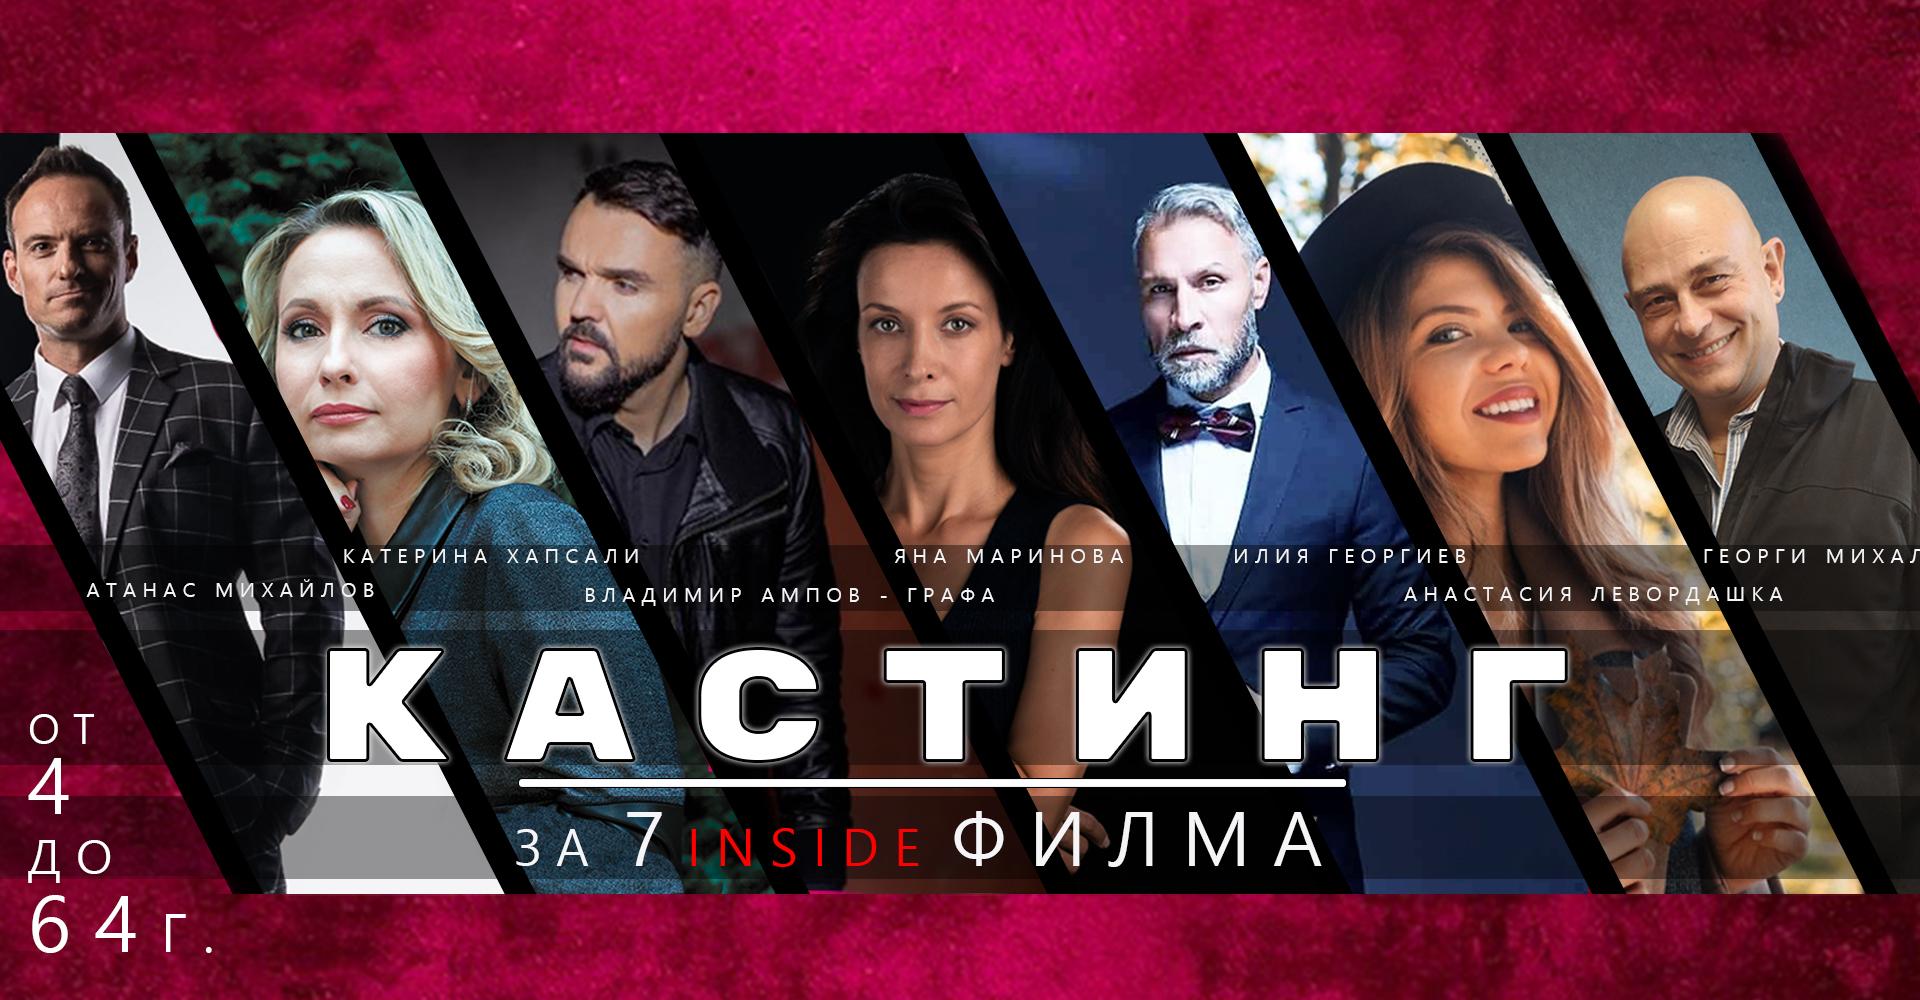 НОВ Кино Кастинг за таланти от  4 до 64г. за участие в 7 Inside филма